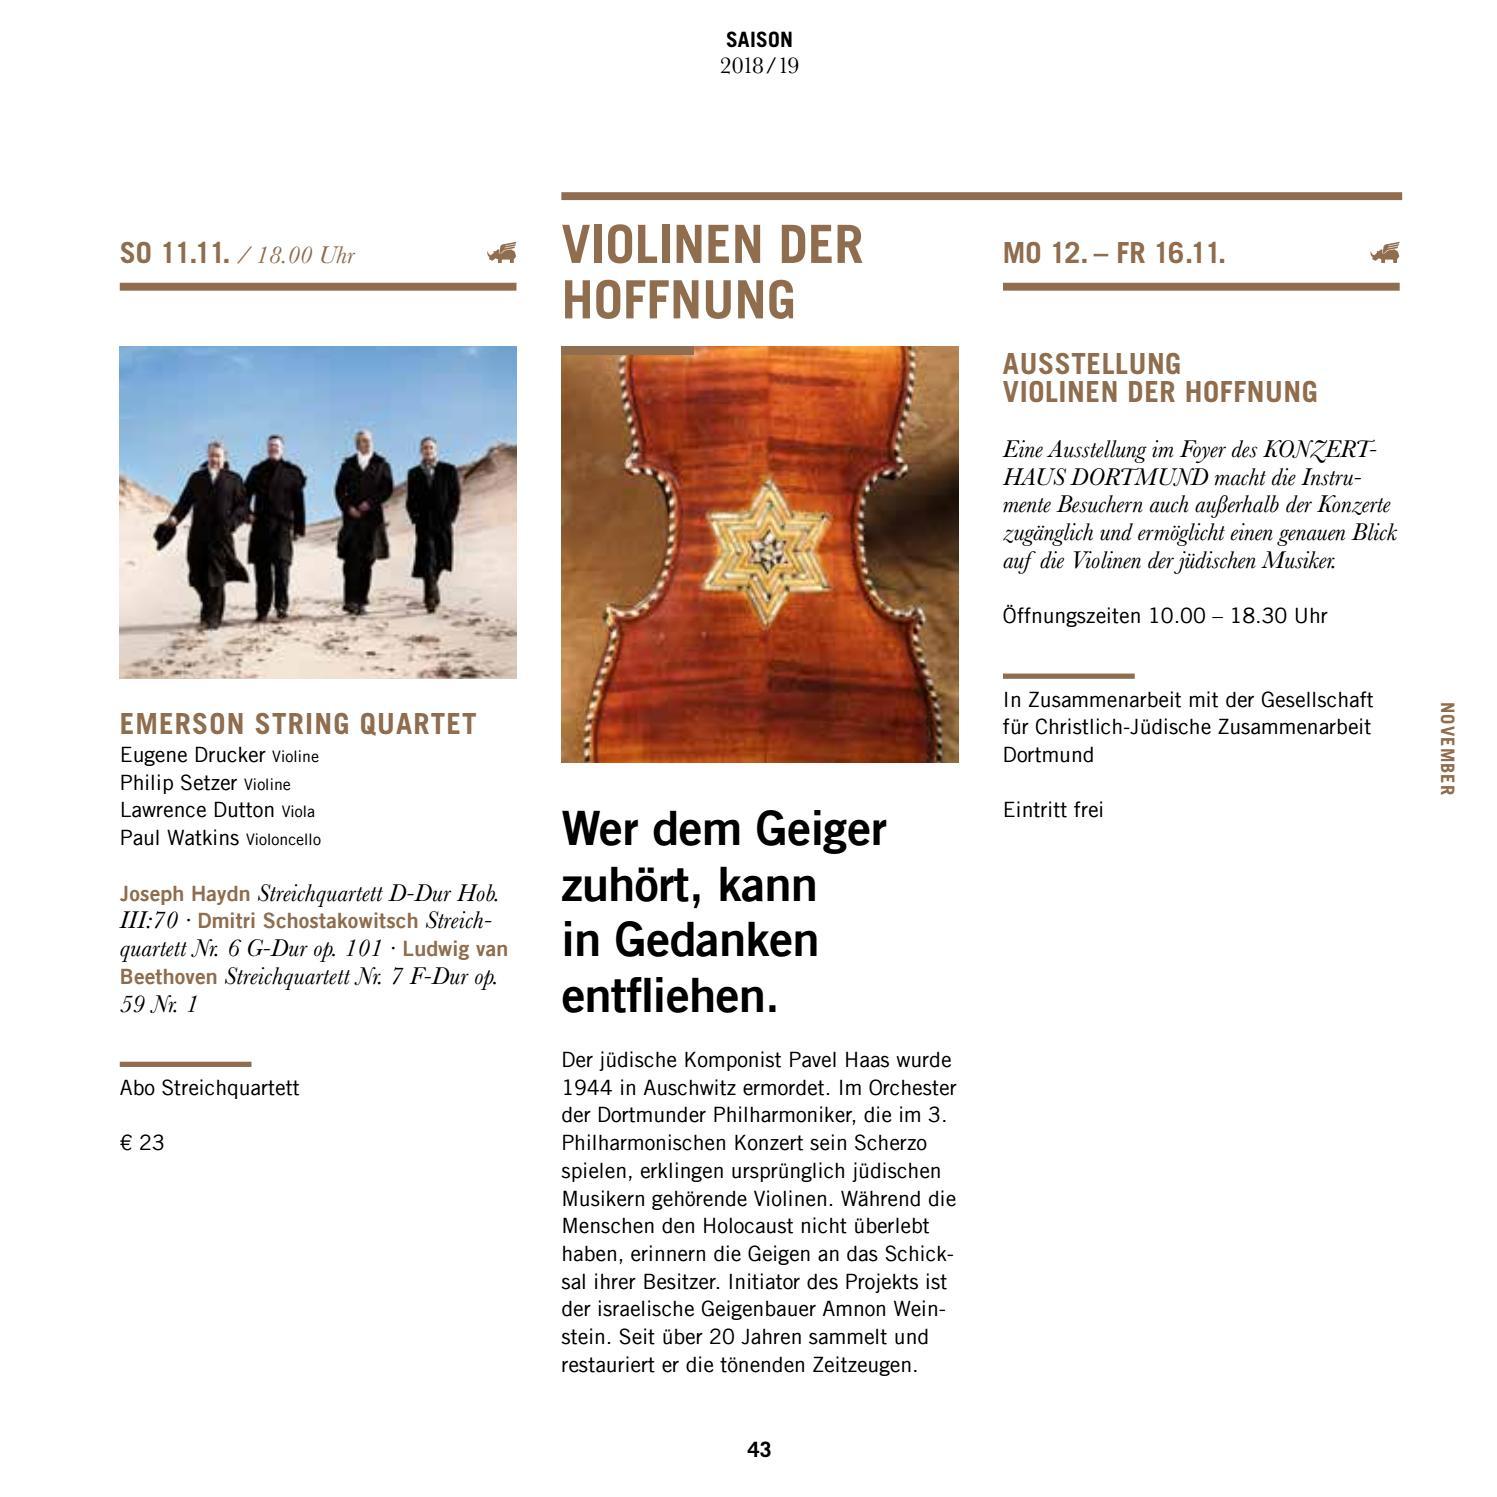 Saisonbuch 2018/19 by Konzerthaus Dortmund - issuu